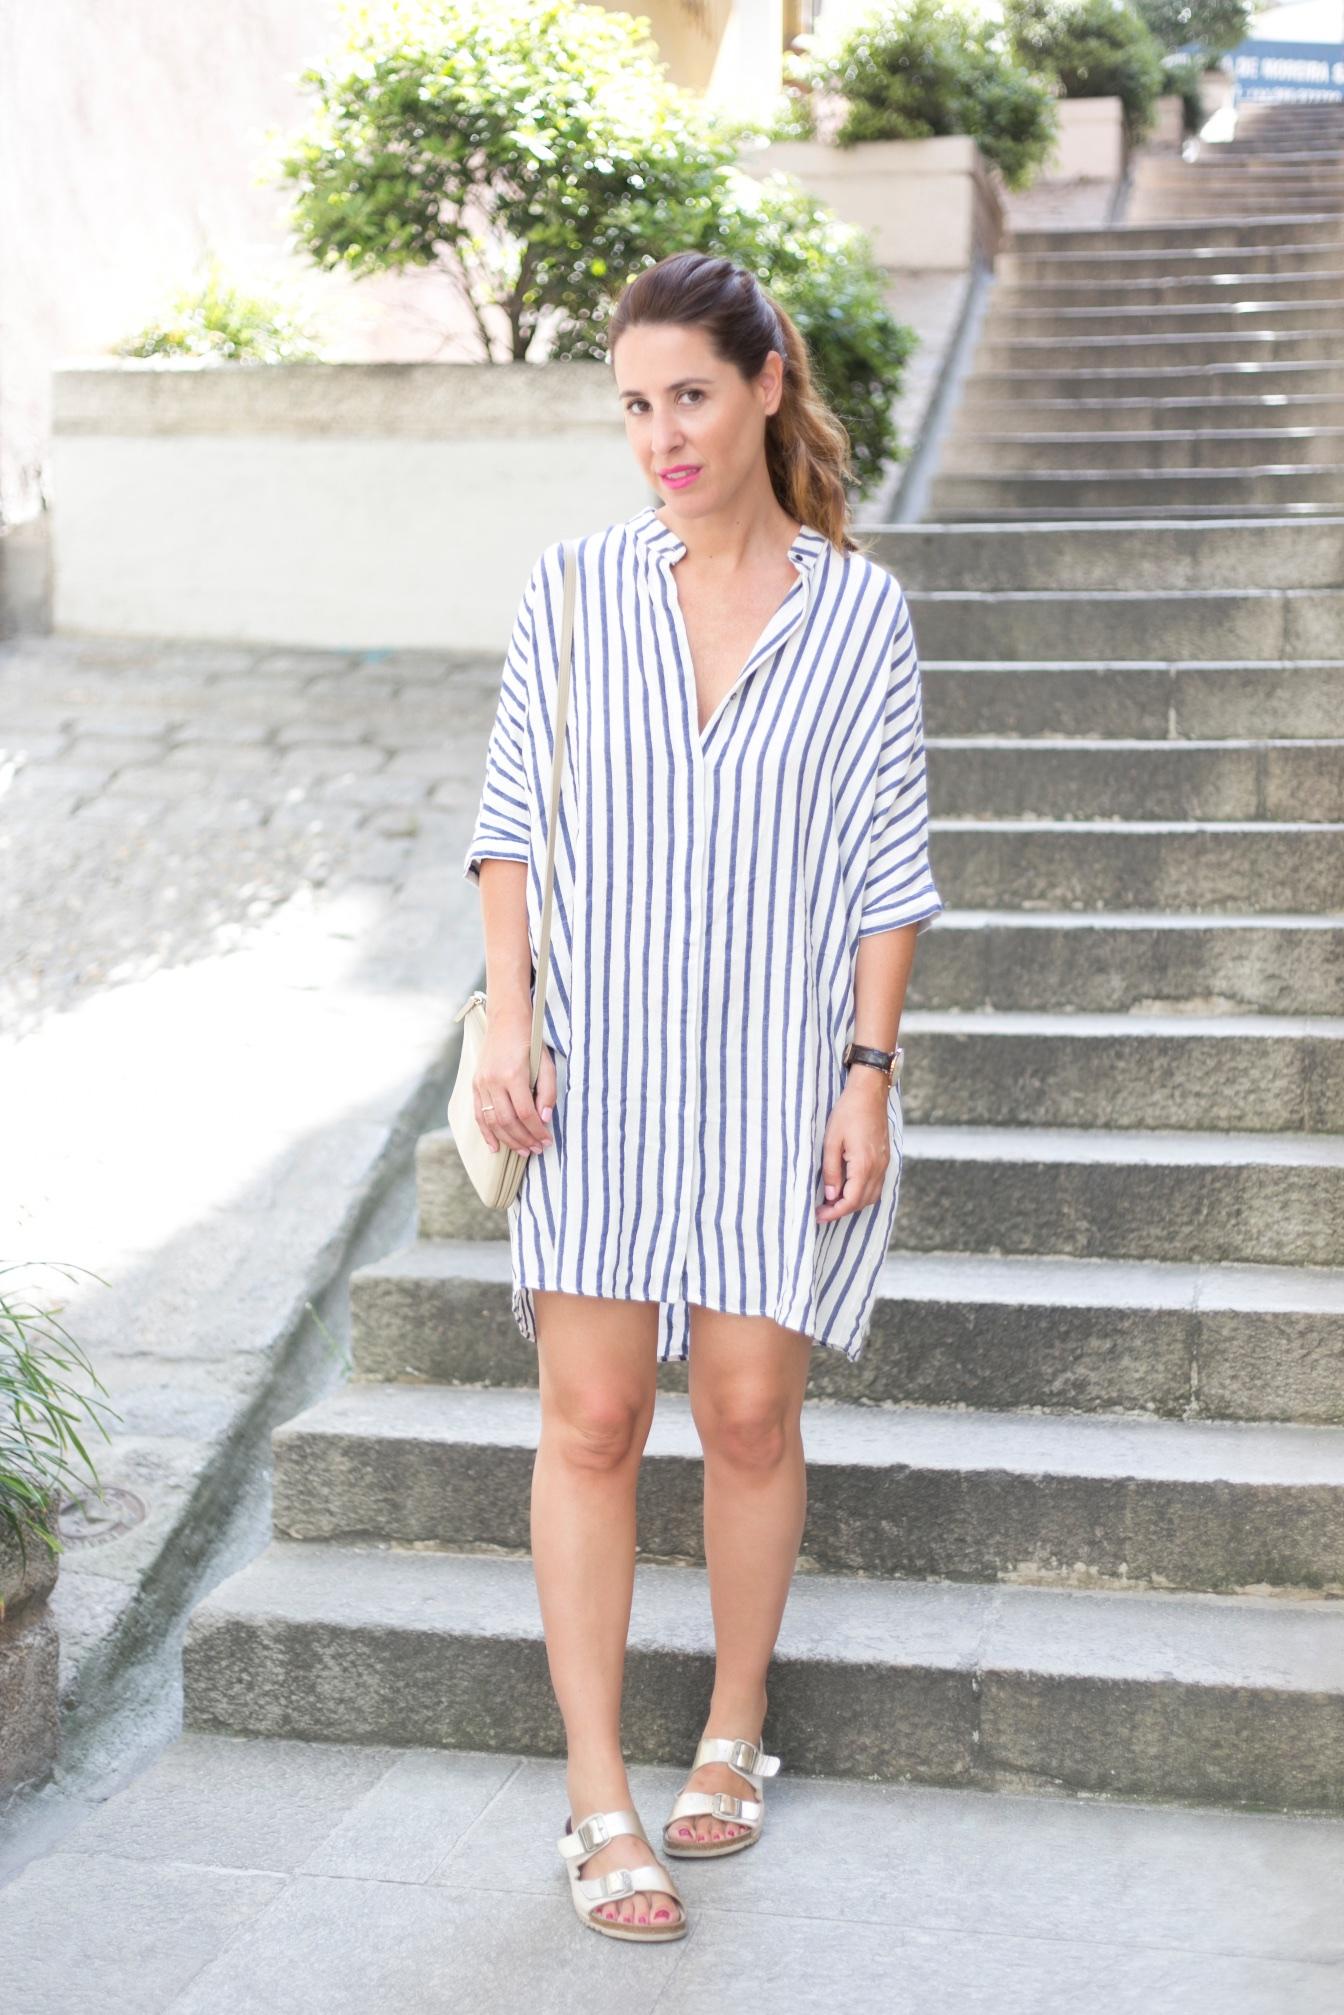 descalzaporelparque-Coruña-moda-estilo-moda-look-rayas-fashionblogger-zara-cèline-oysho